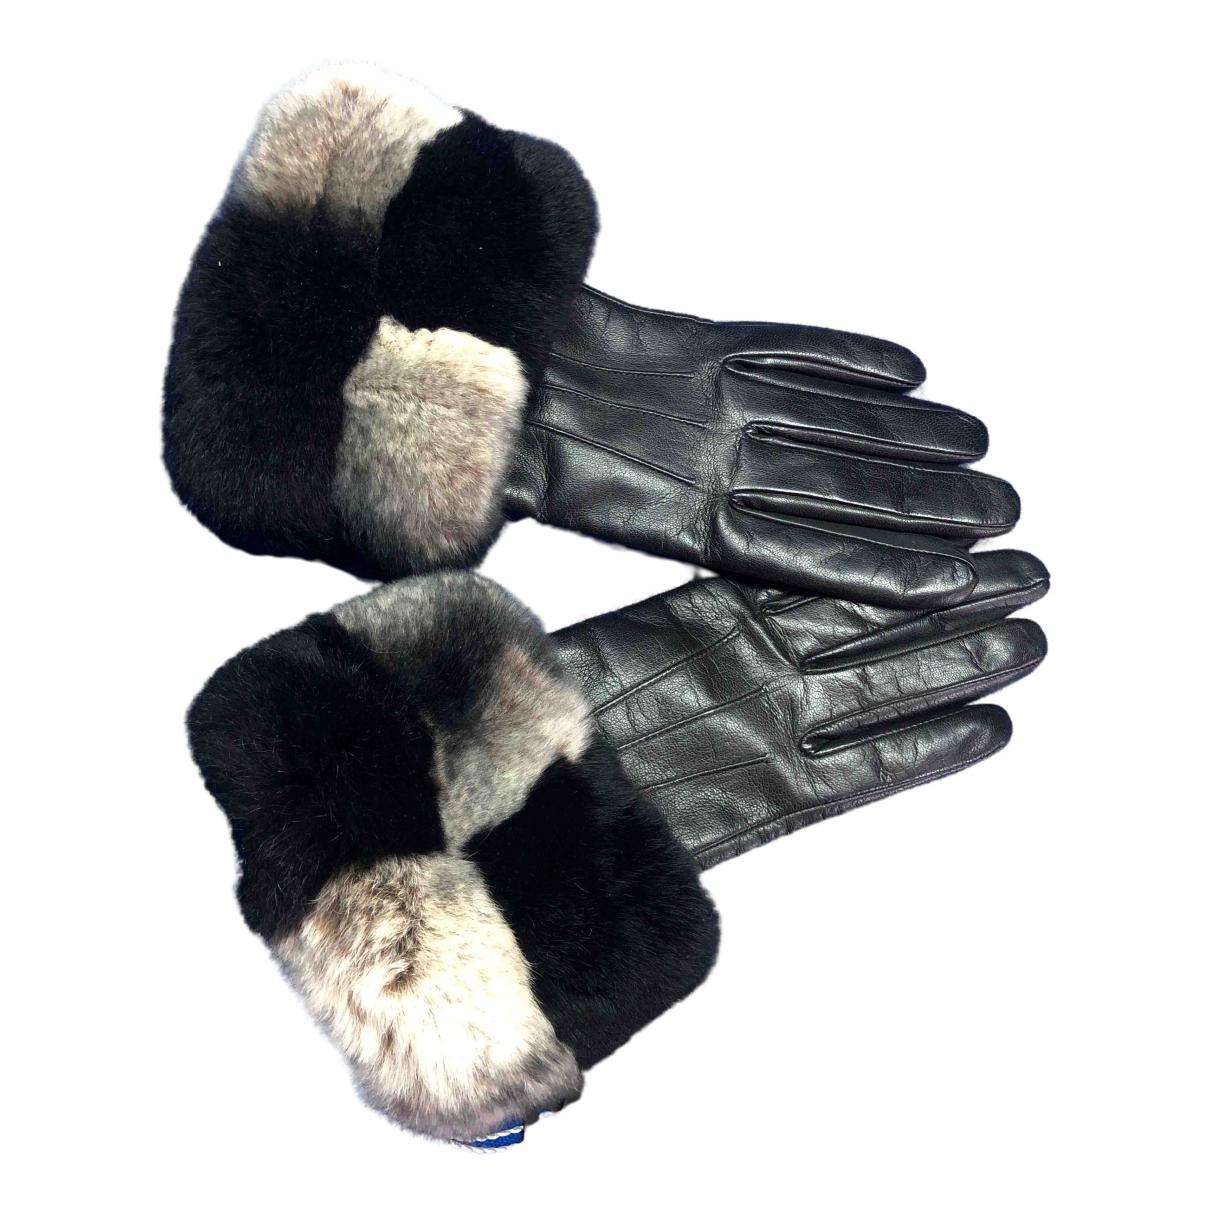 Pellicciai \N Handschuhe in  Schwarz Fell